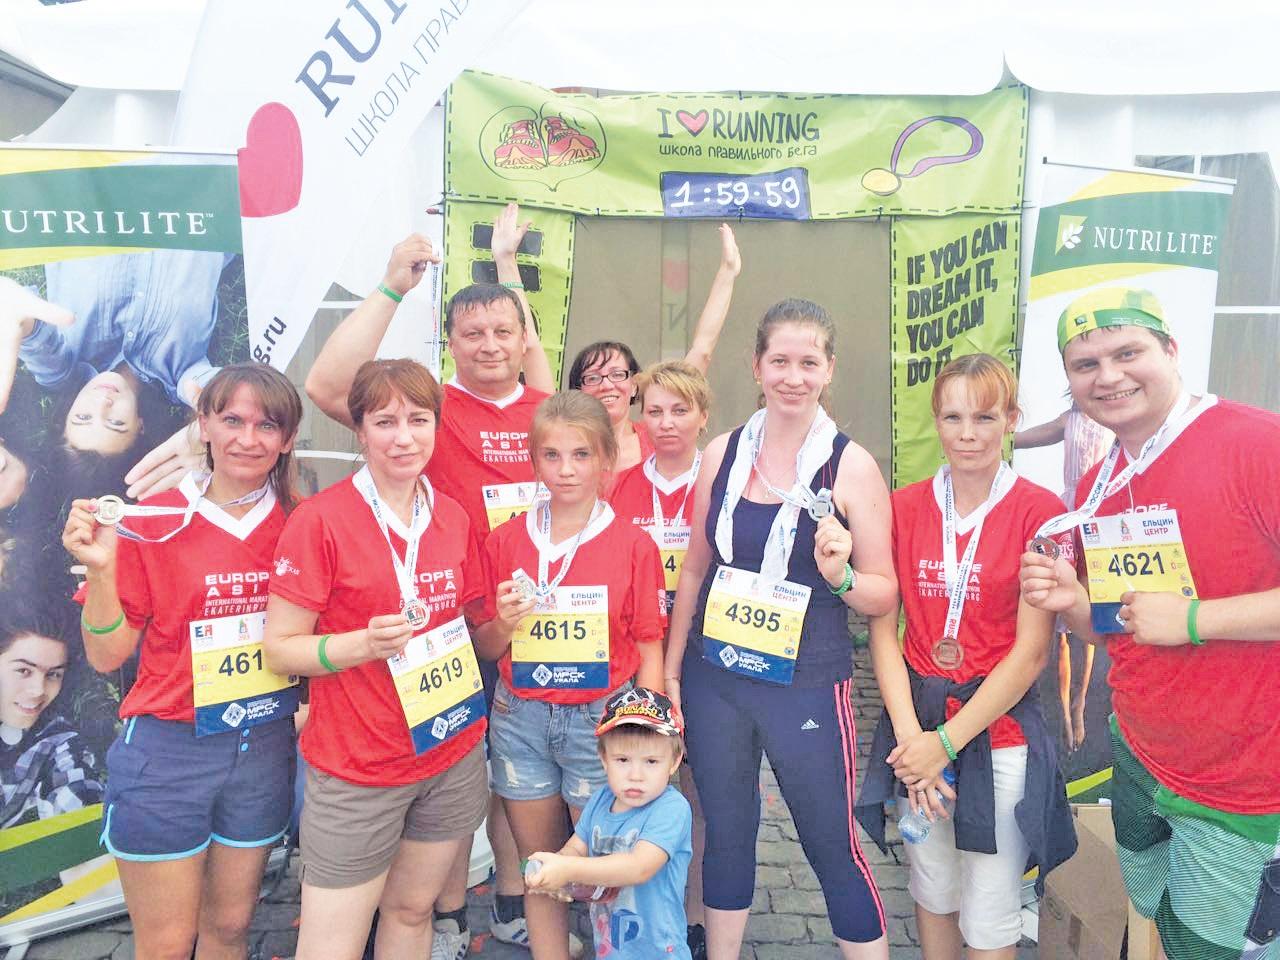 ВЕкатеринбурге 7августа прошел международный марафон «Европа-Азия»